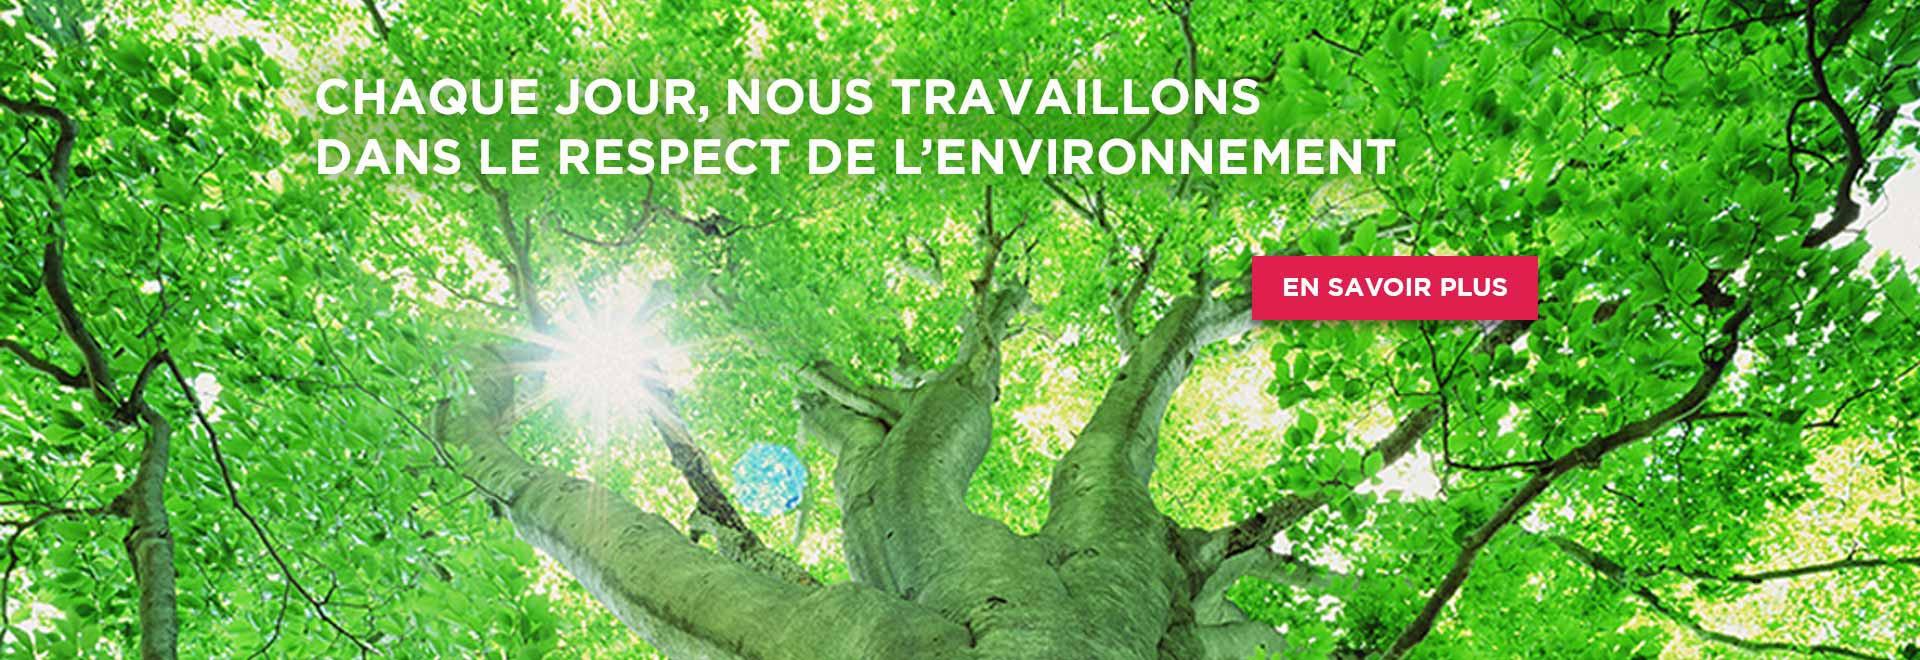 Experts en autoédition, nous travaillons dans le respect de l'environnement.